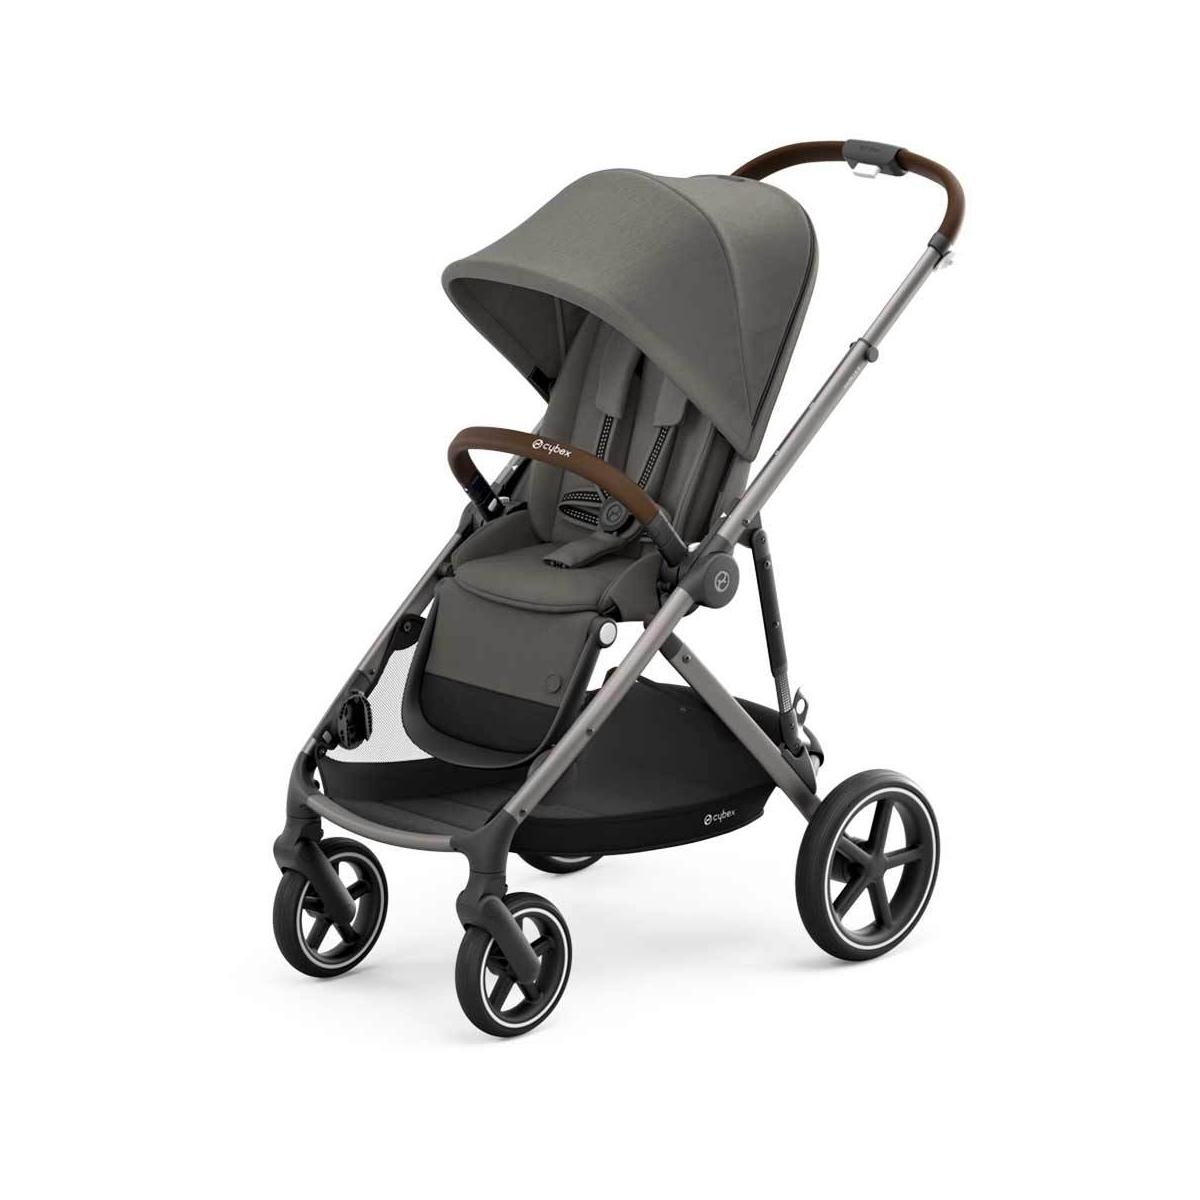 Cybex Gazelle S Pushchair-Taupe/Soho Grey (2021)